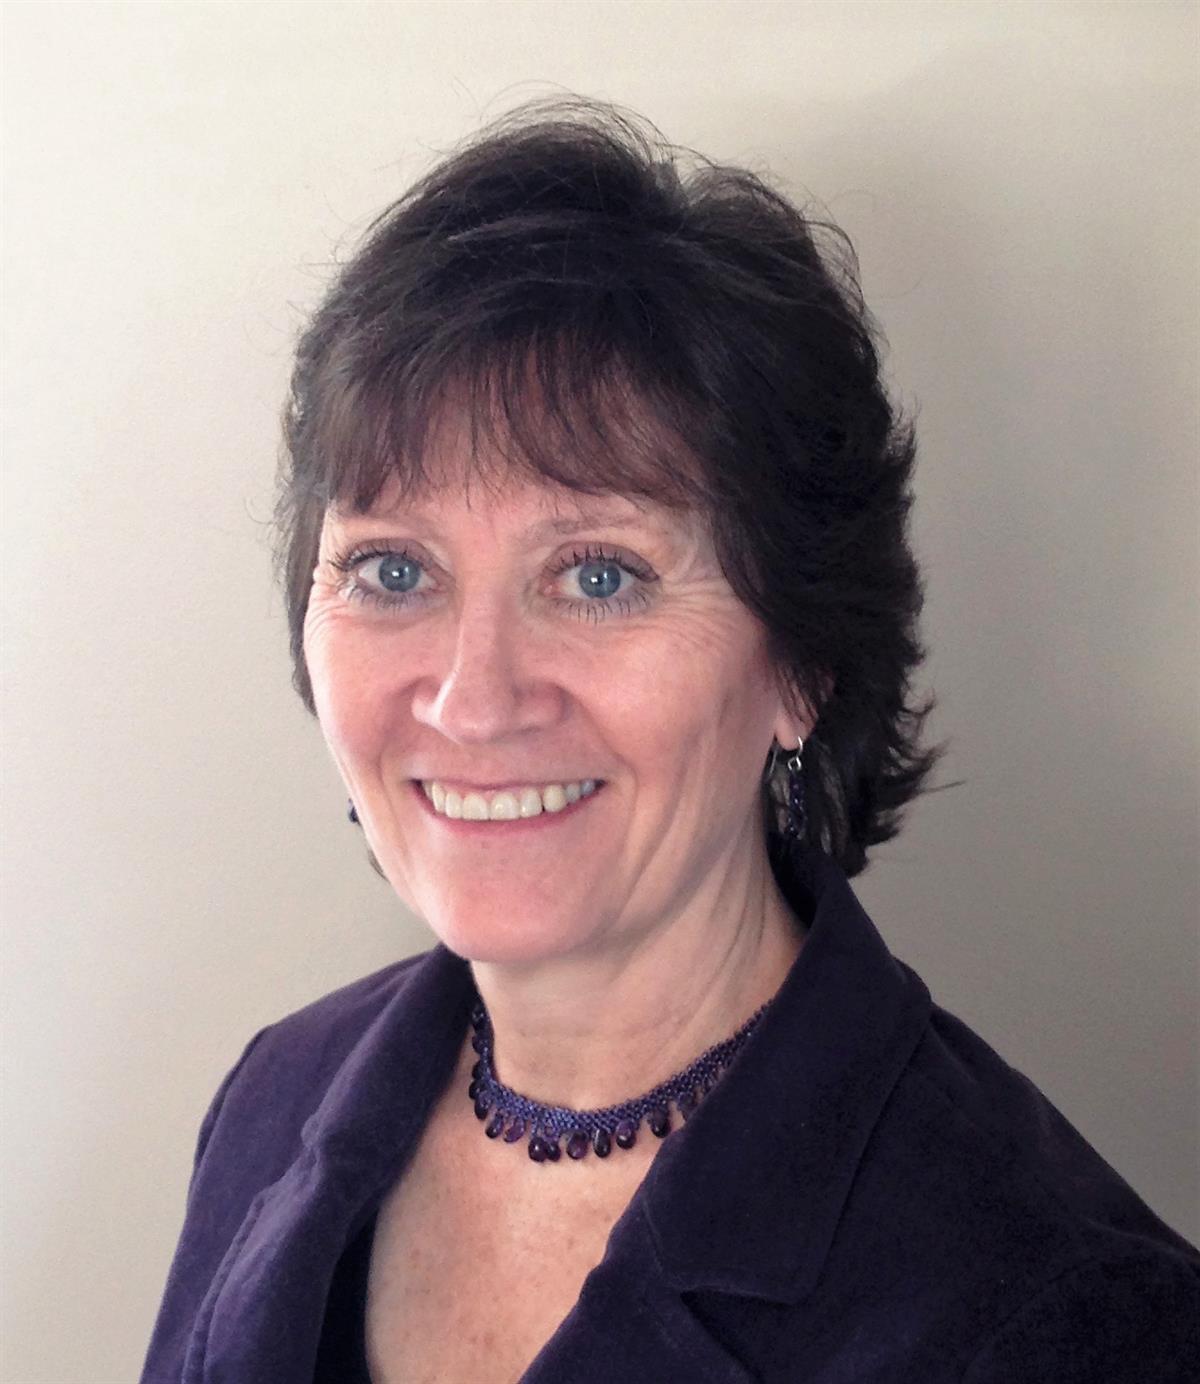 Cathy Callow-Heusser